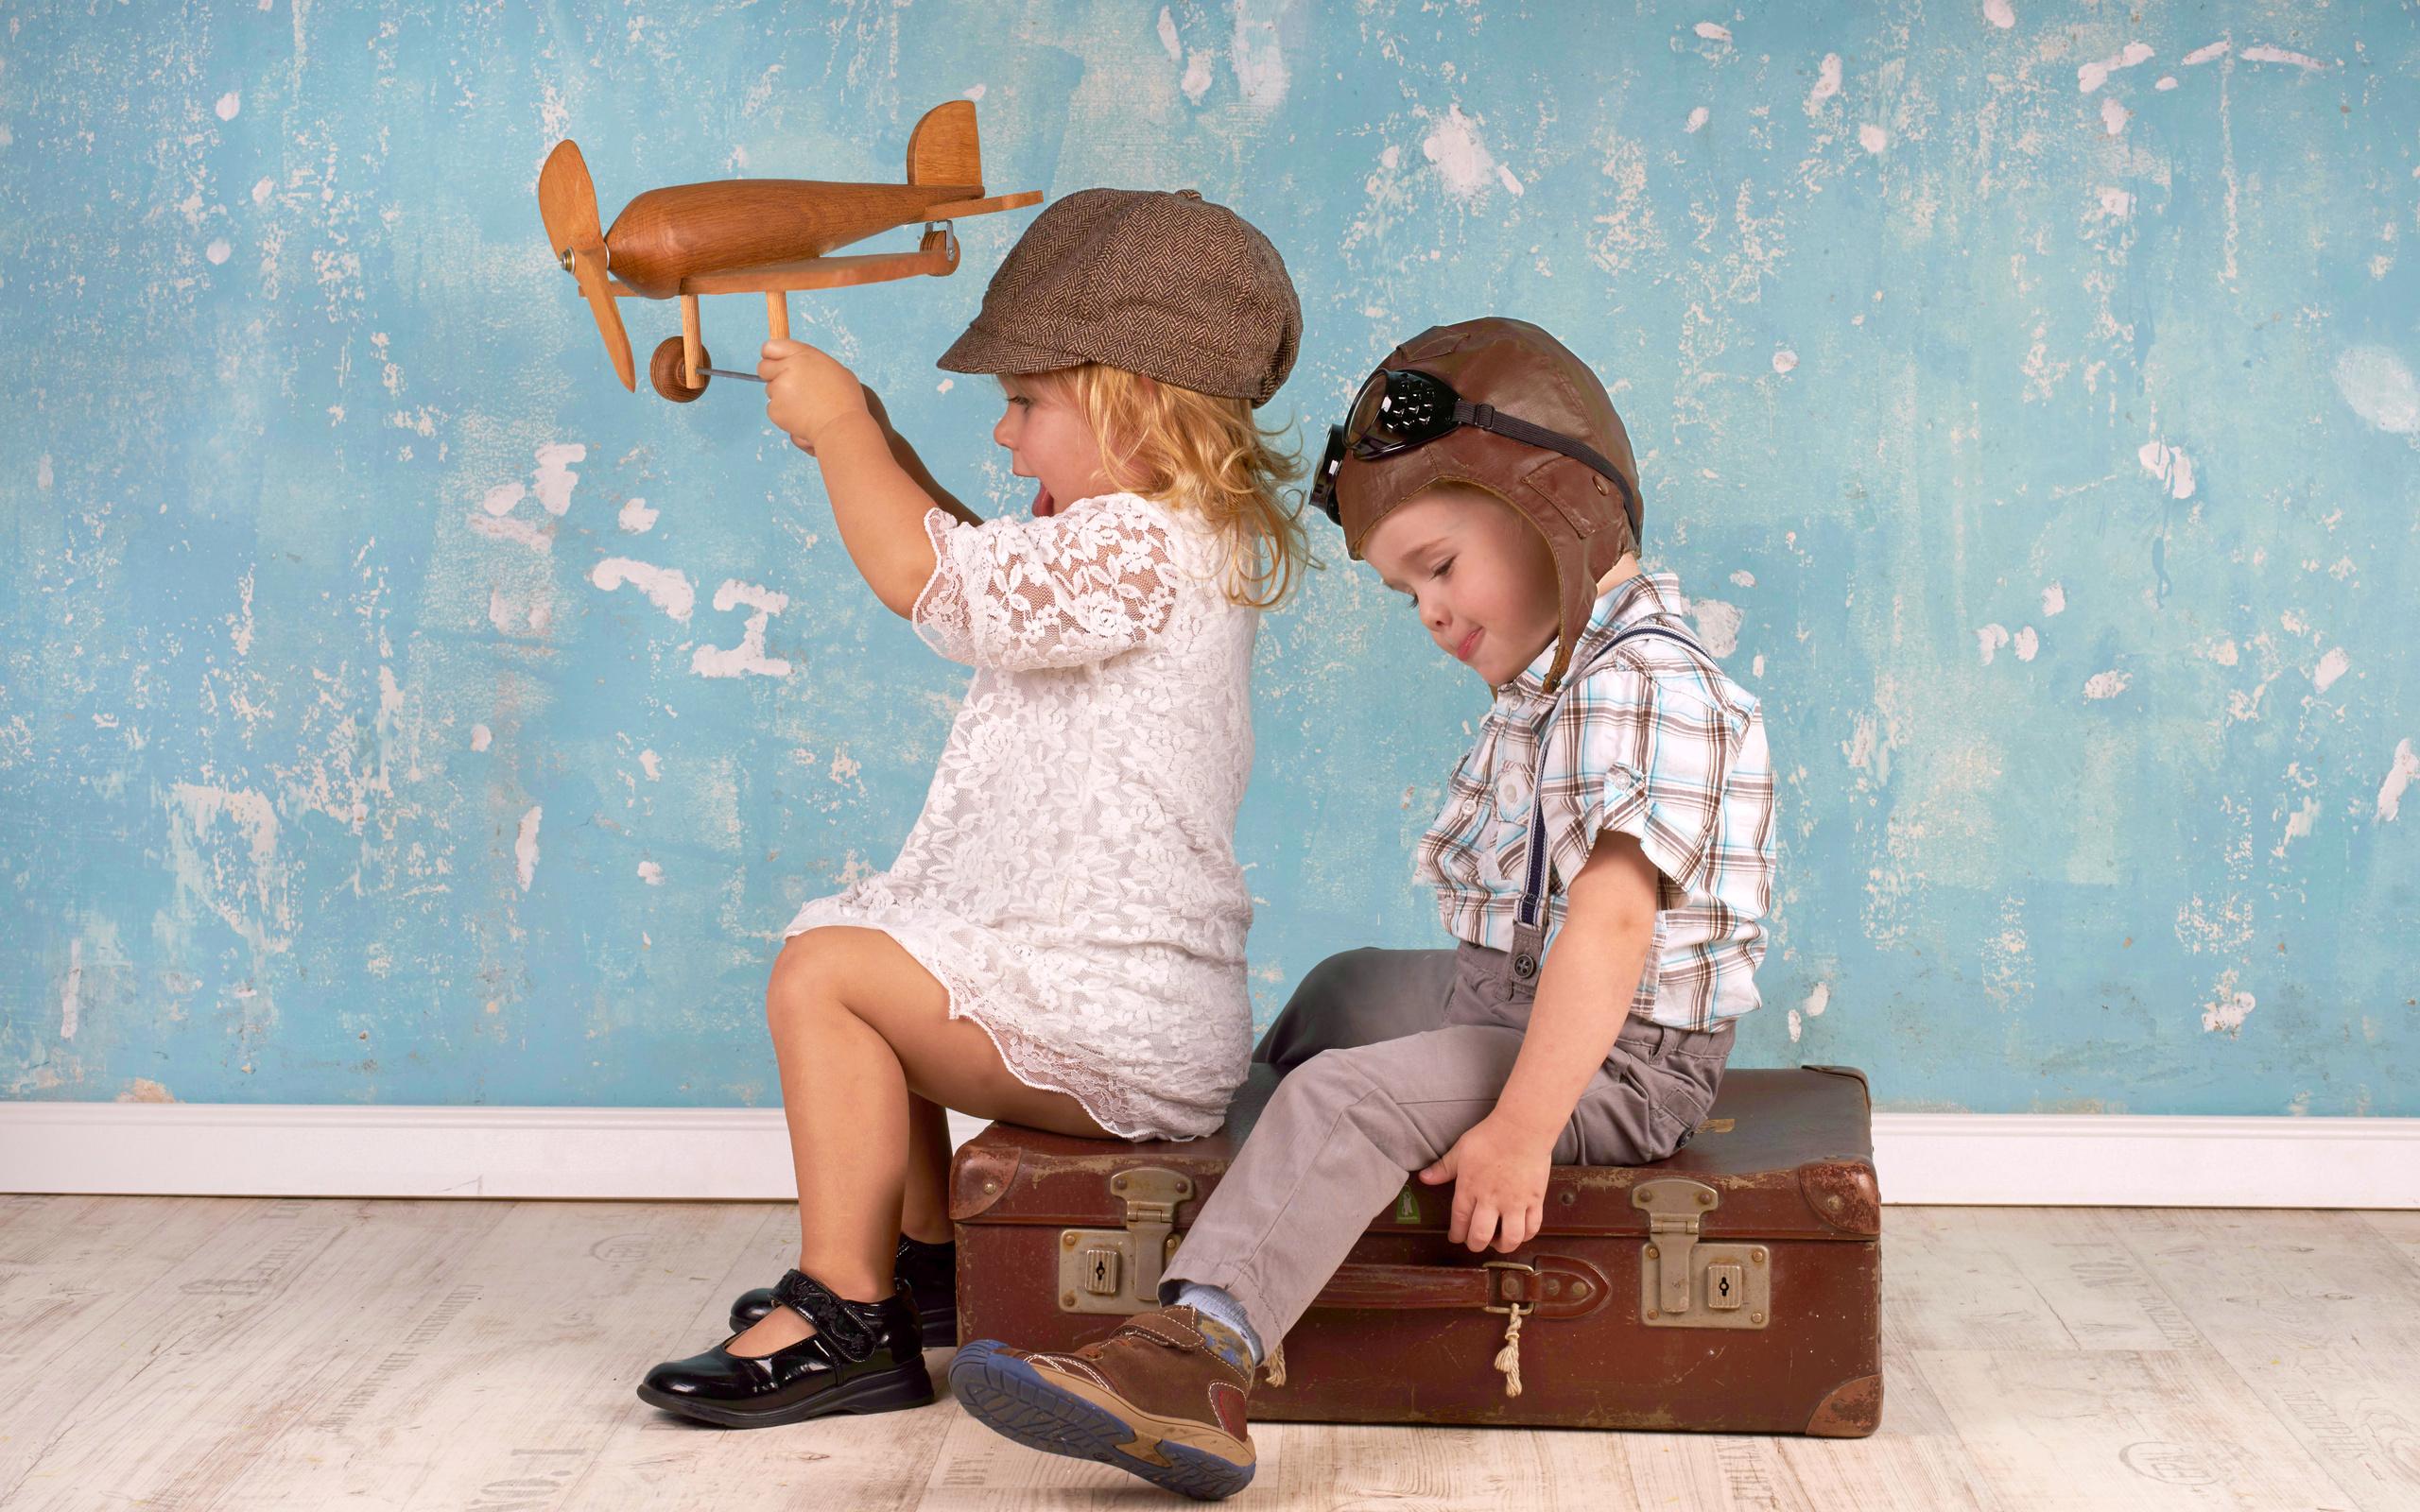 Смешные картинки с мальчиком и девочкой в самолете, открытки